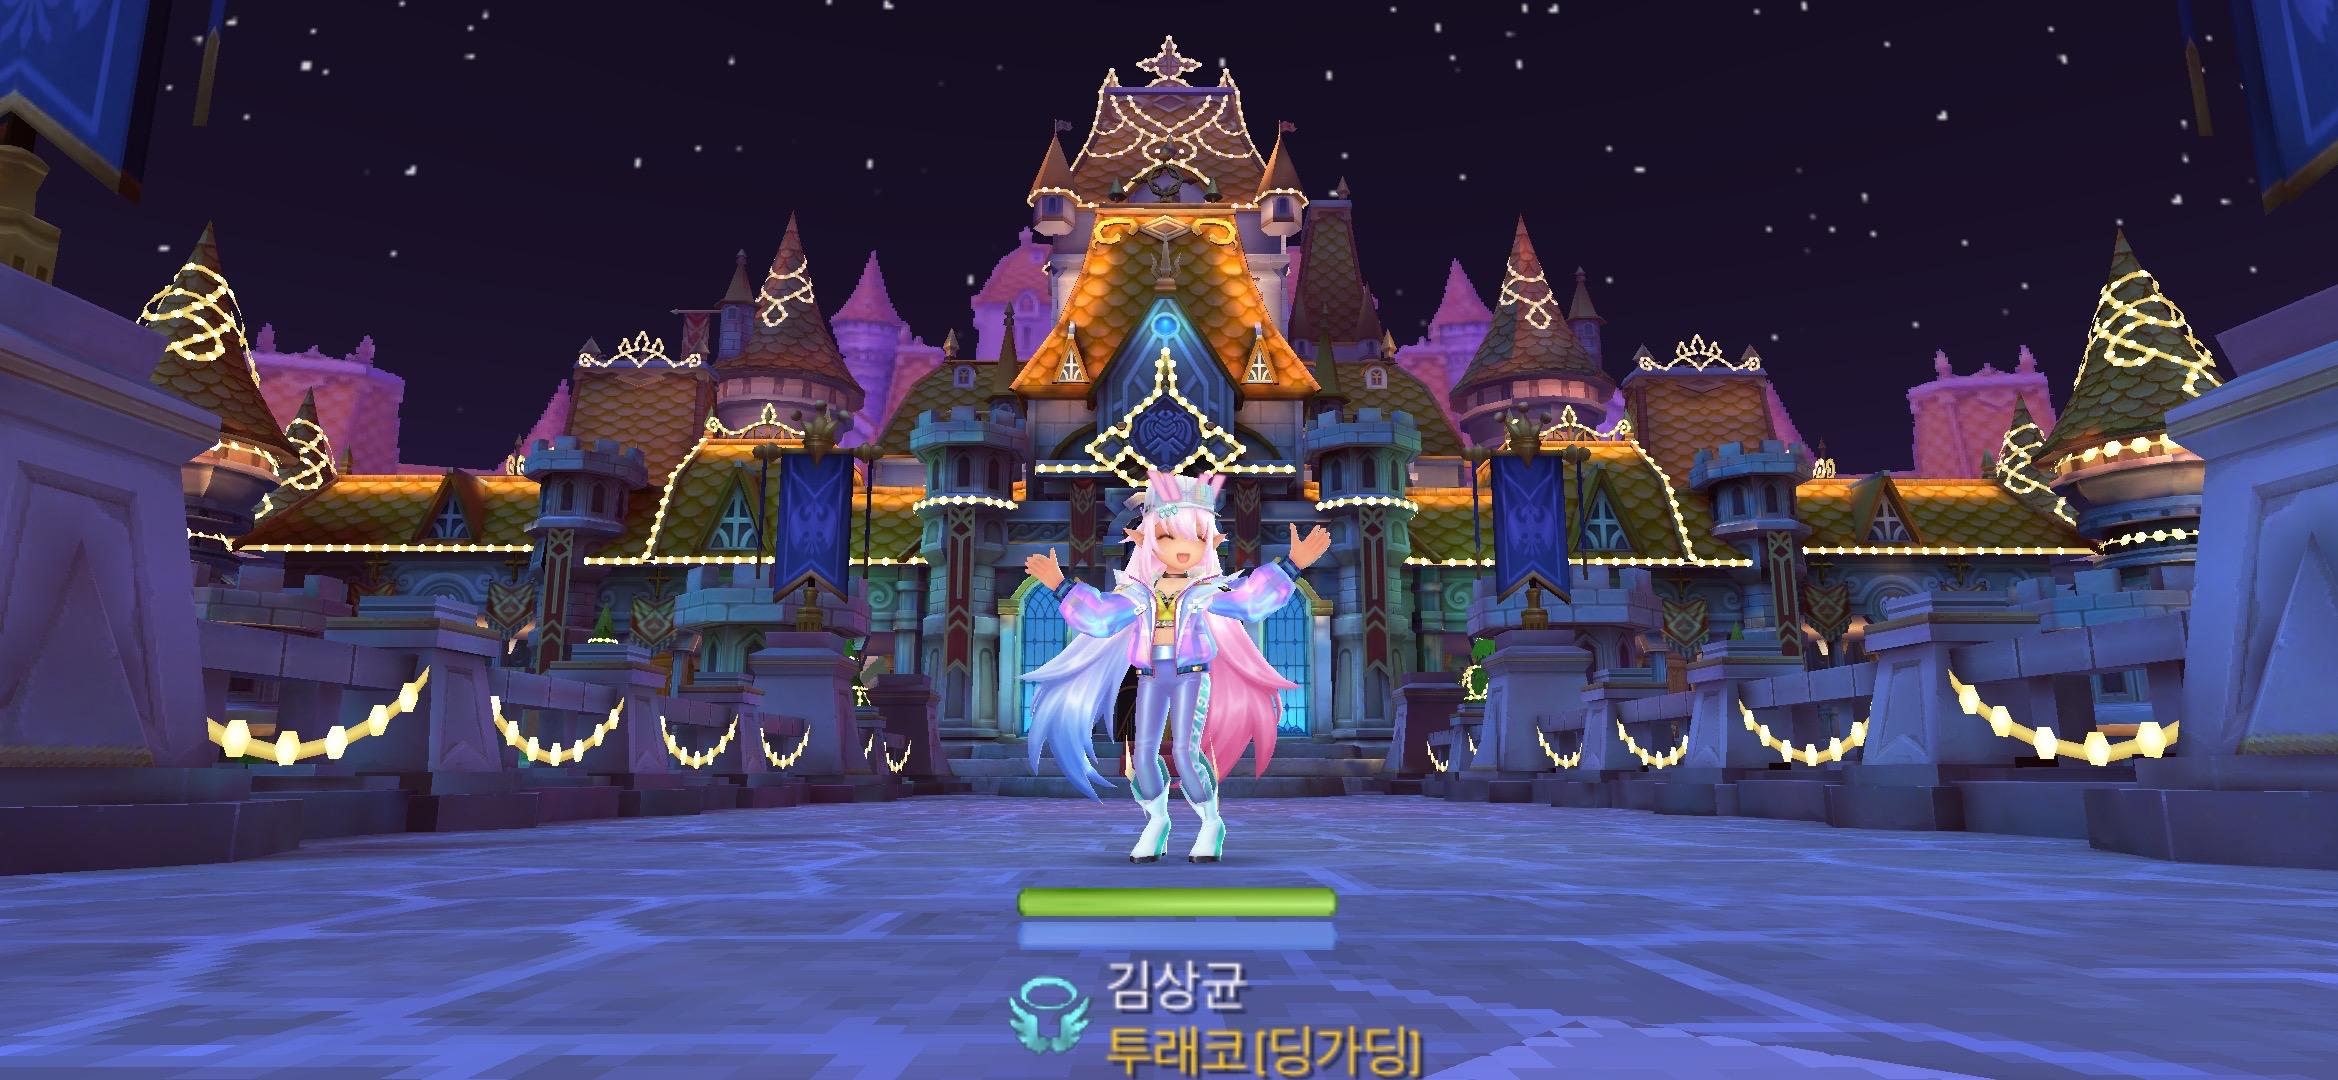 [신상이최고야/4295292977/김상균]